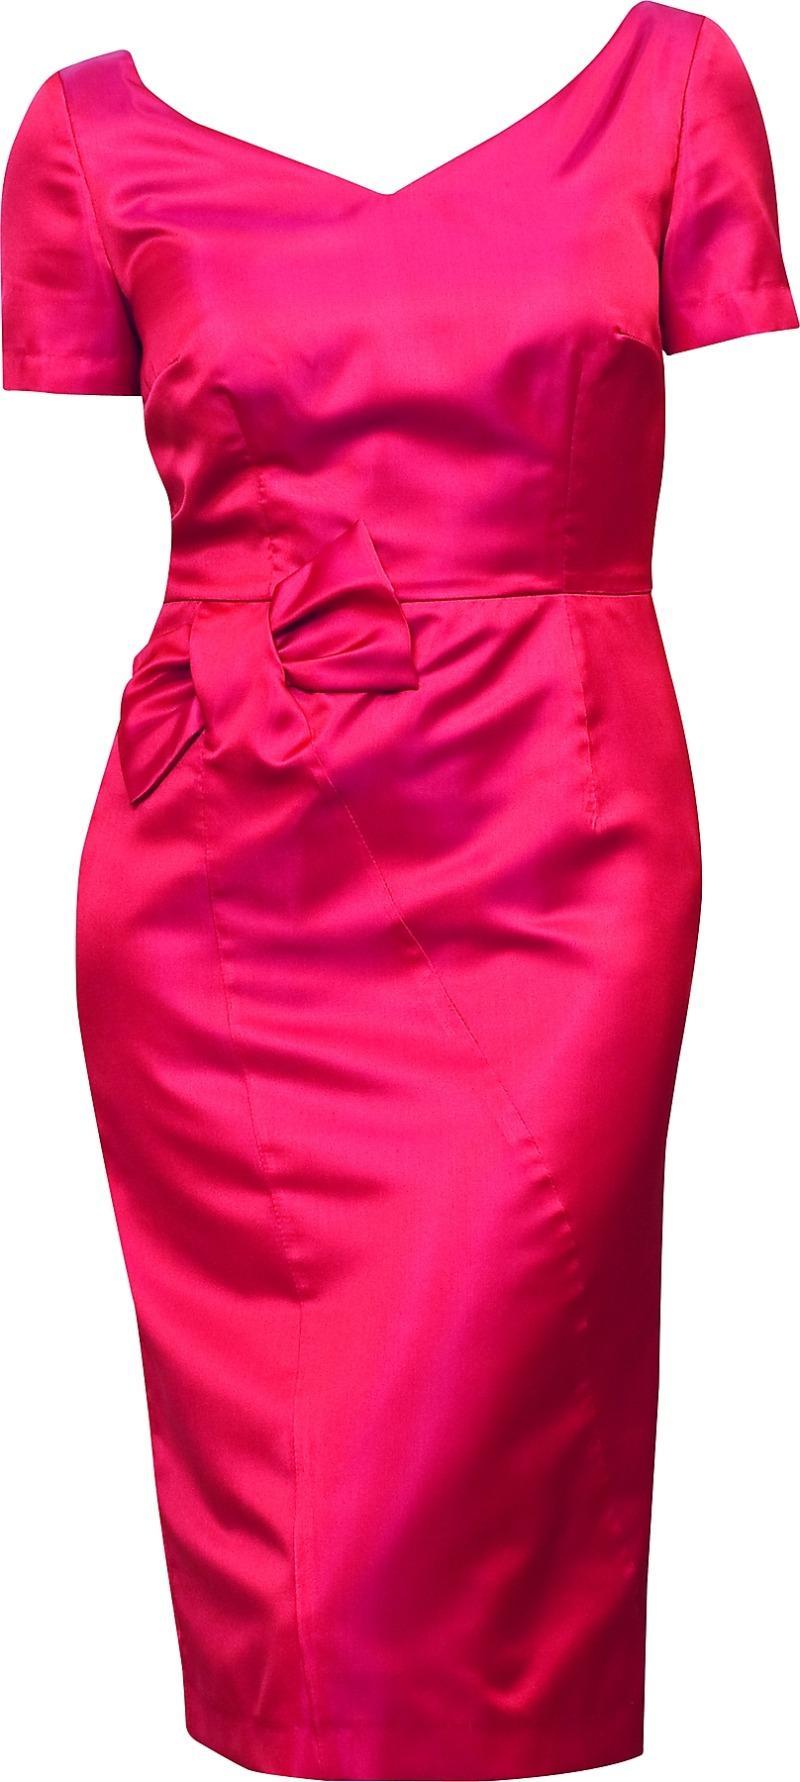 Nowości od Gapa Fashion na jesień i zimę 2009/2010 - zdjęcie